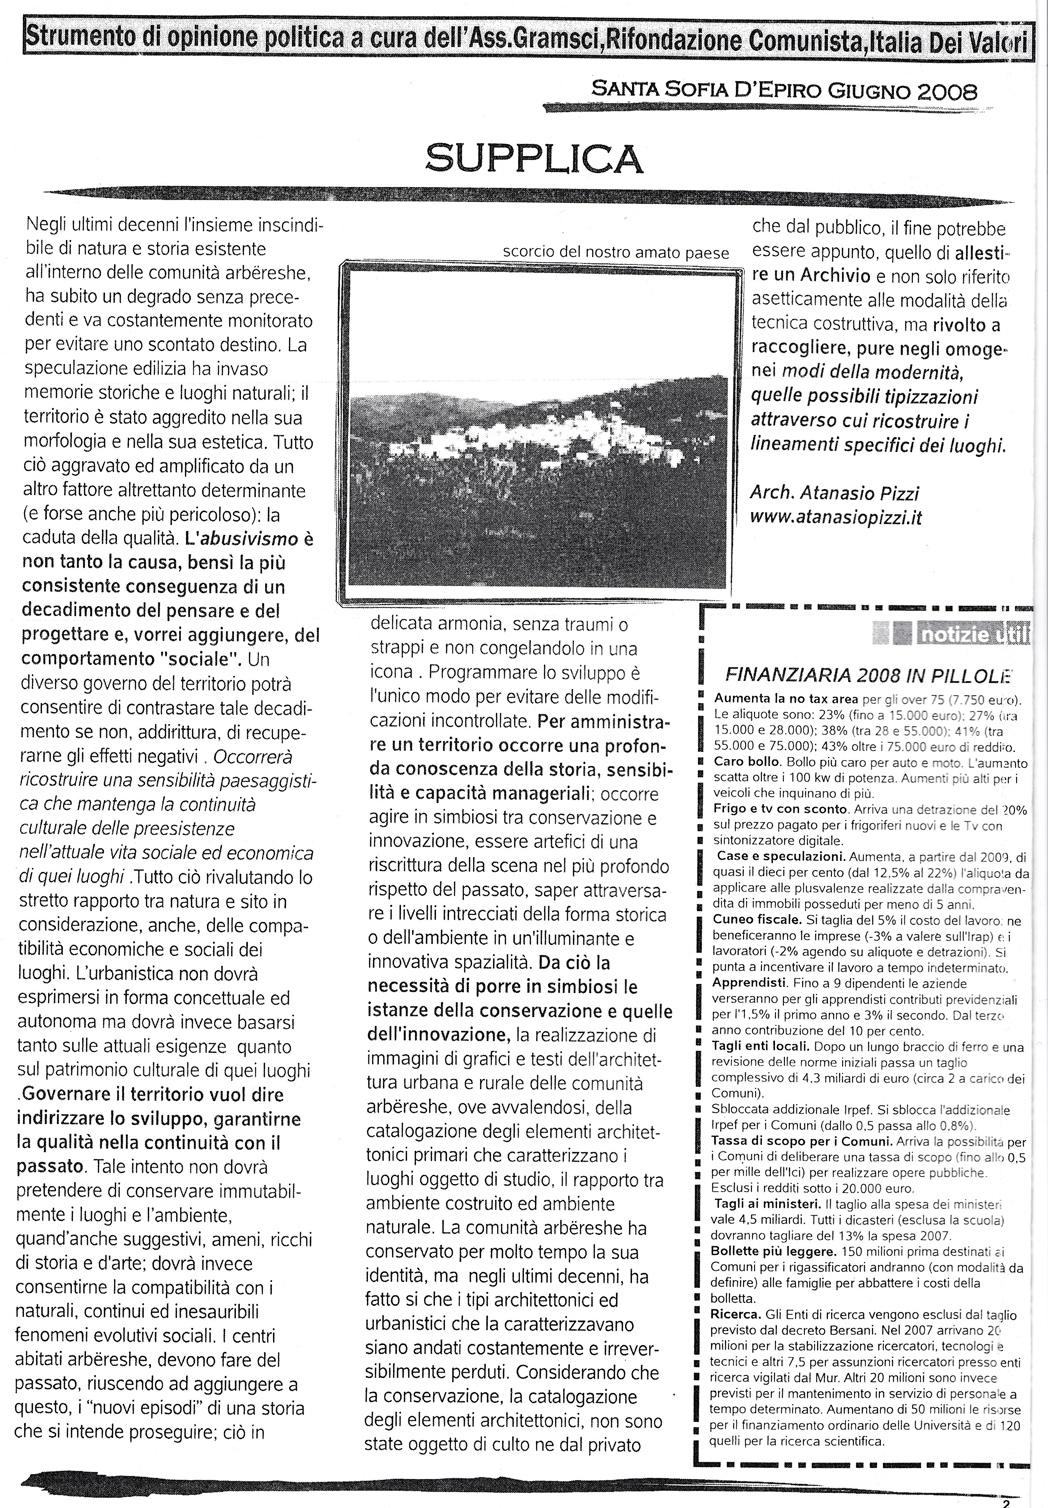 IL BANDITORE (Giugno 2008) SUPPLICA